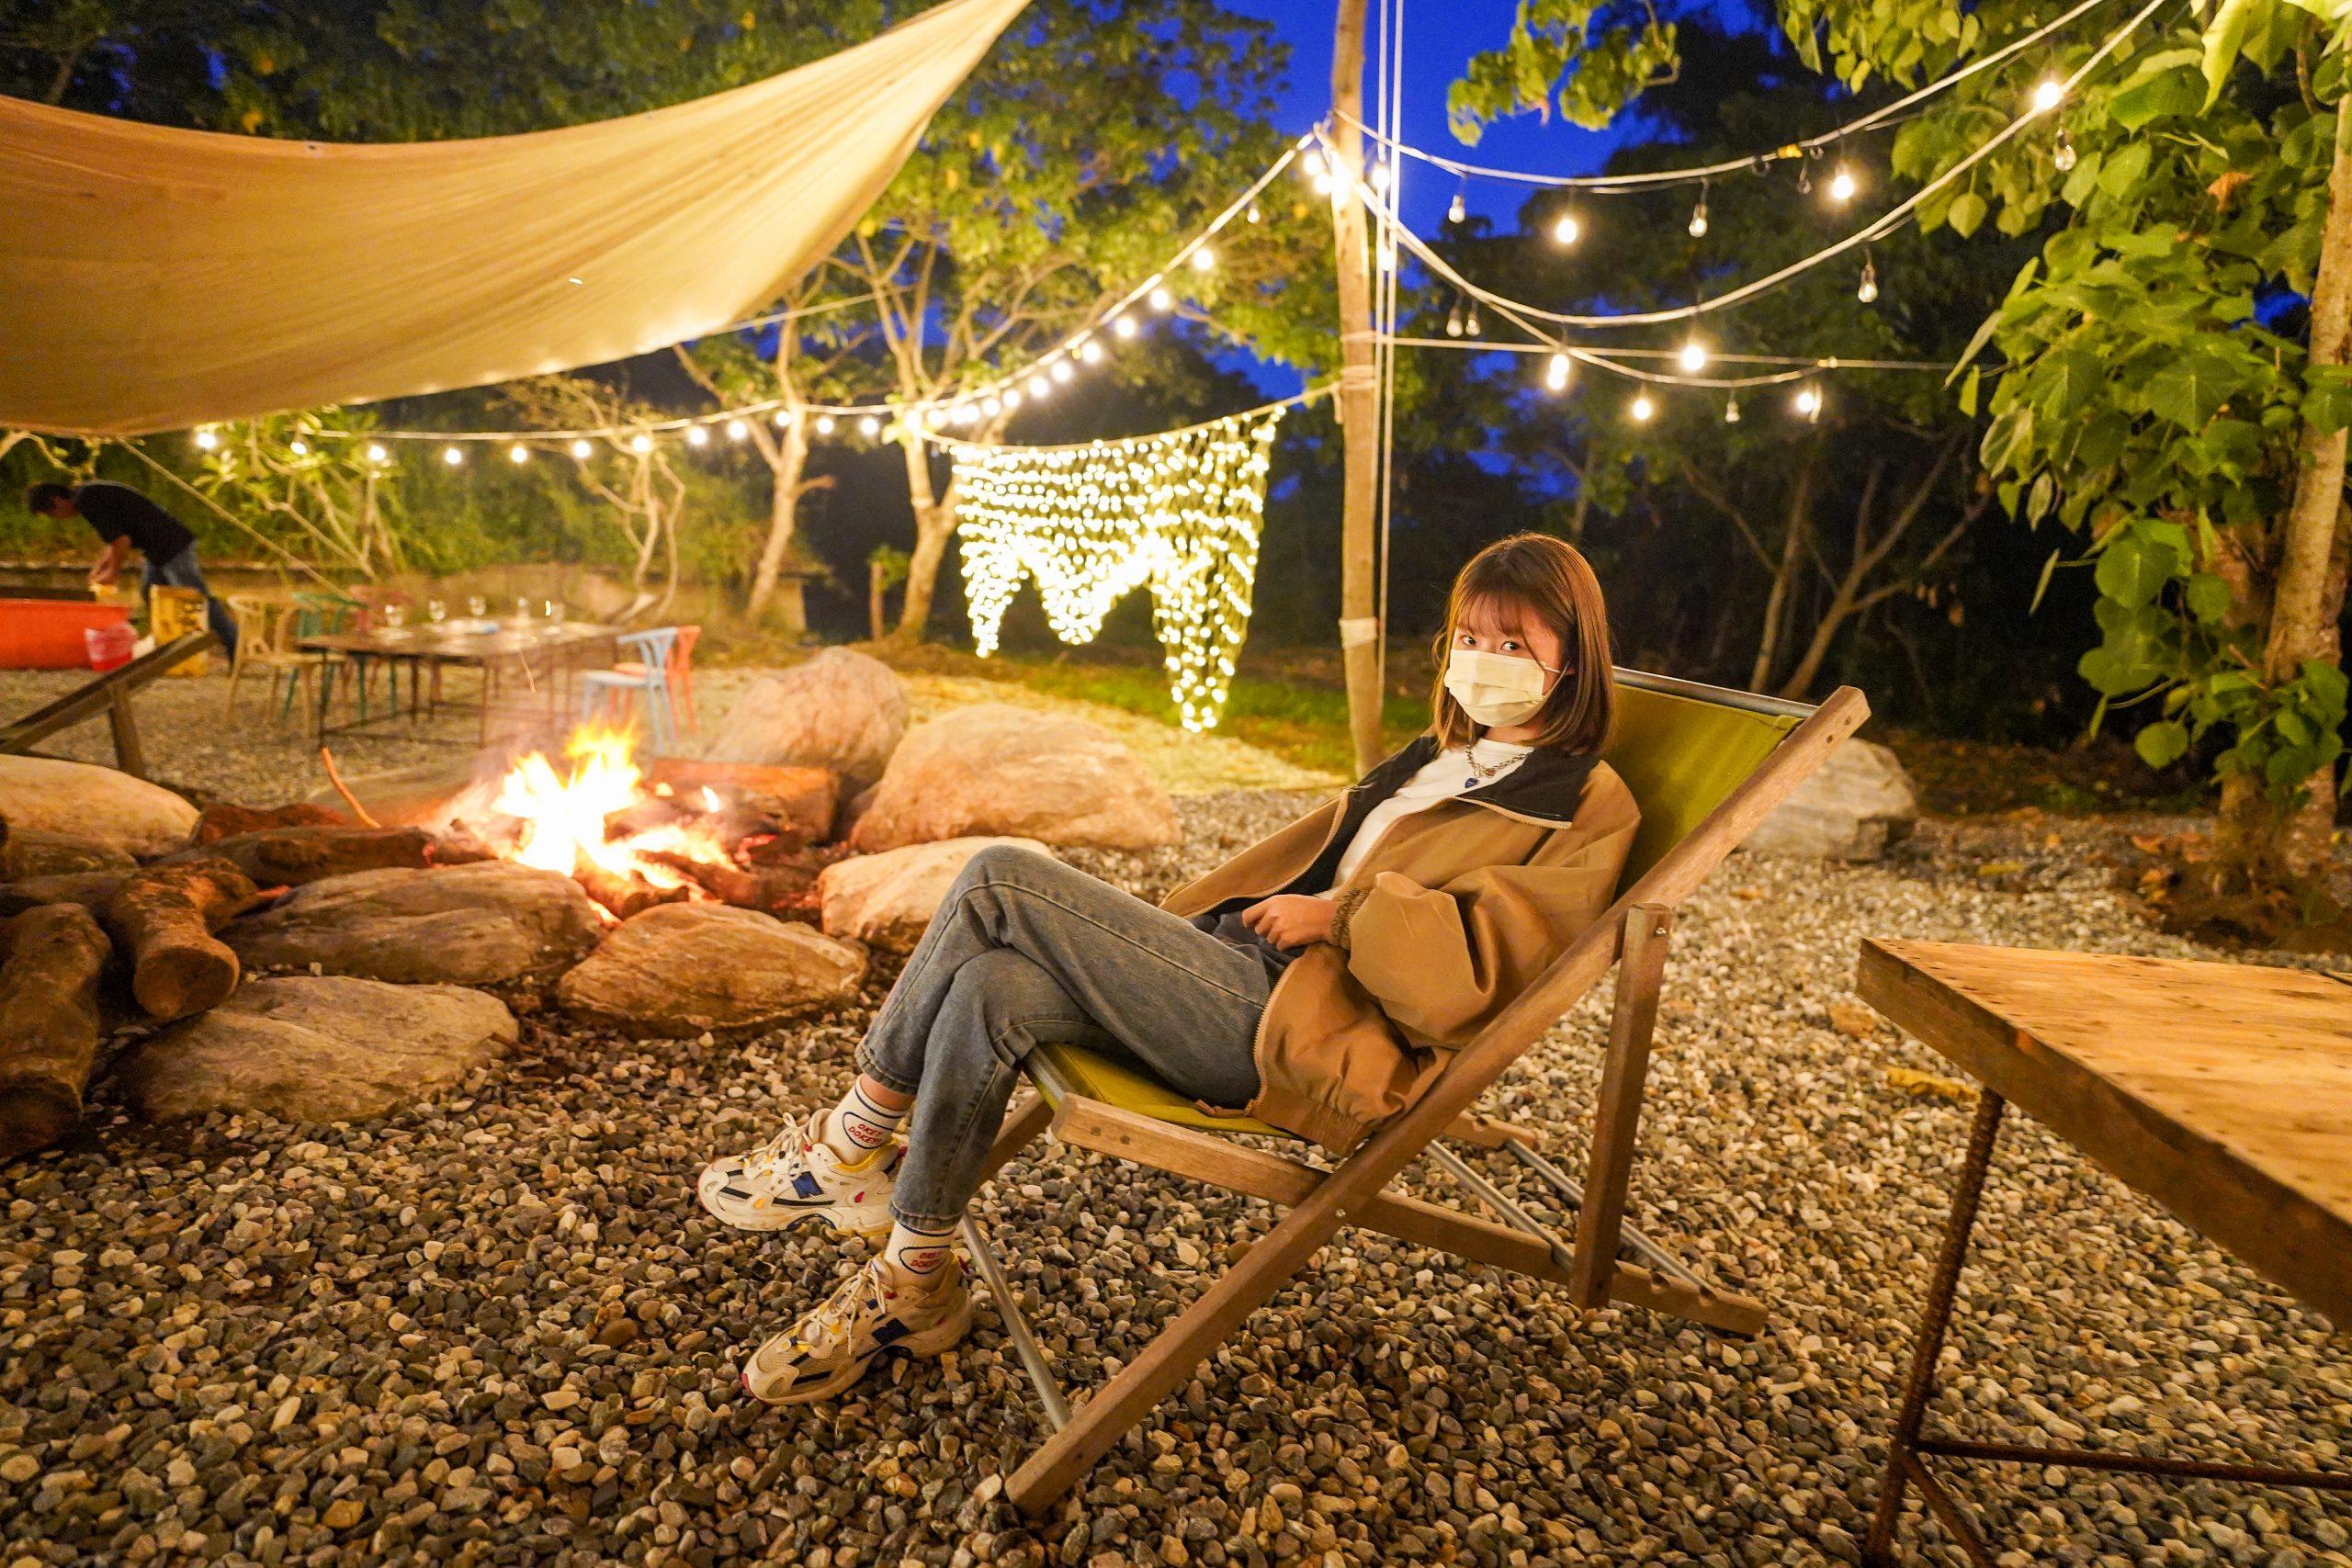 花蓮最Chill浪漫秘境森林野餐  白色天幕加上營火、絕美燈光布置  提供專人服務 牛排 氣泡水香檳 讓你陶醉不想回家@跳躍的宅男